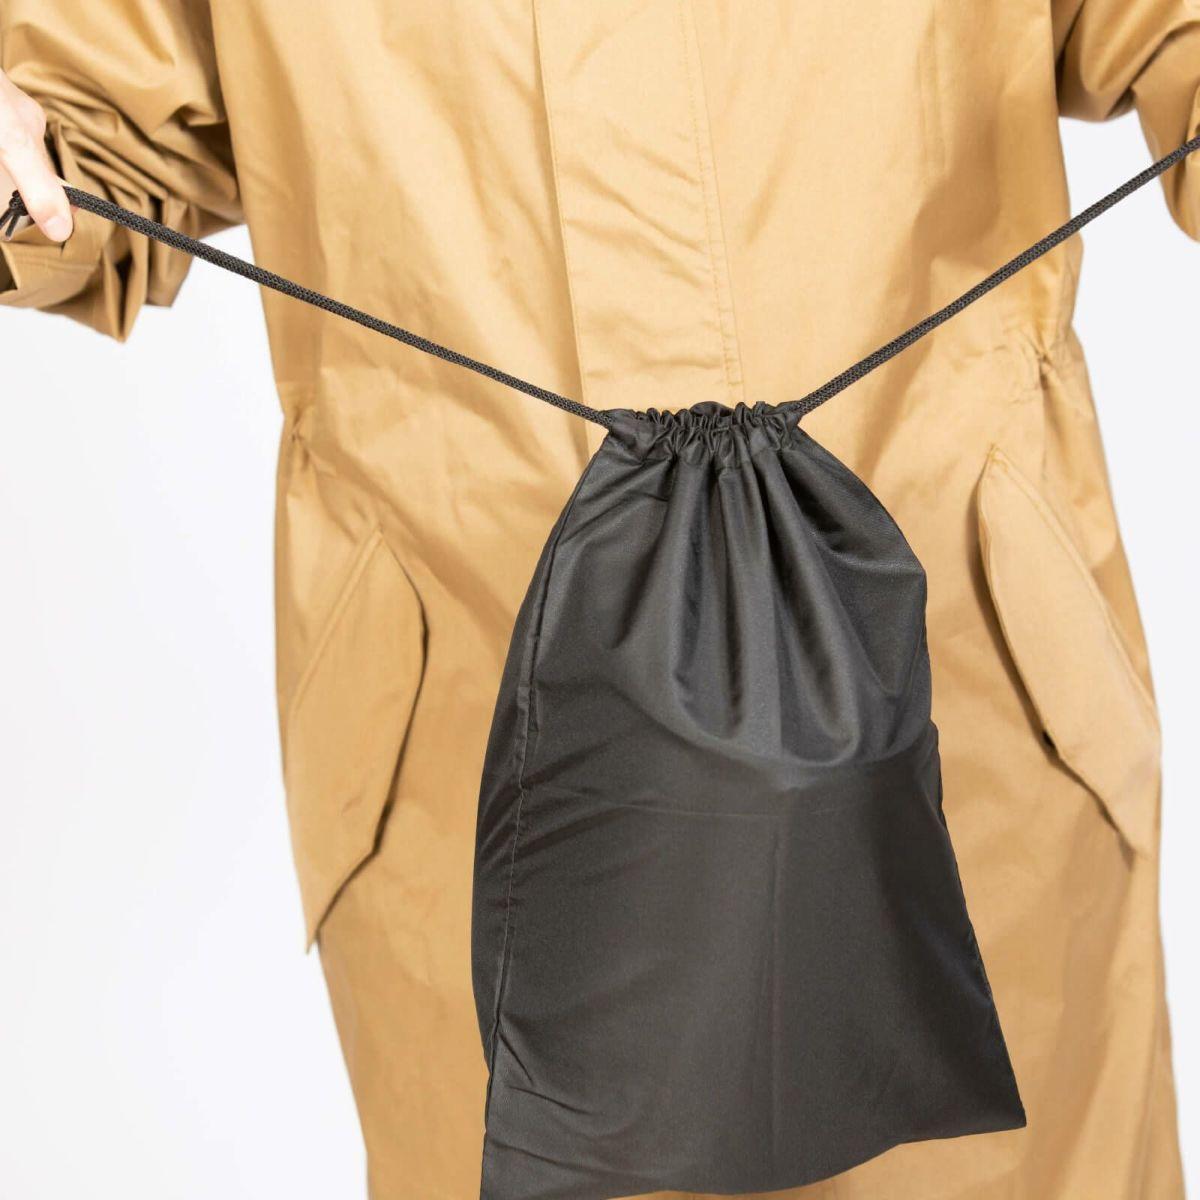 詳細:着用イメージ [女性モデルのサイズ]身長:168cm 着用サイズ:L